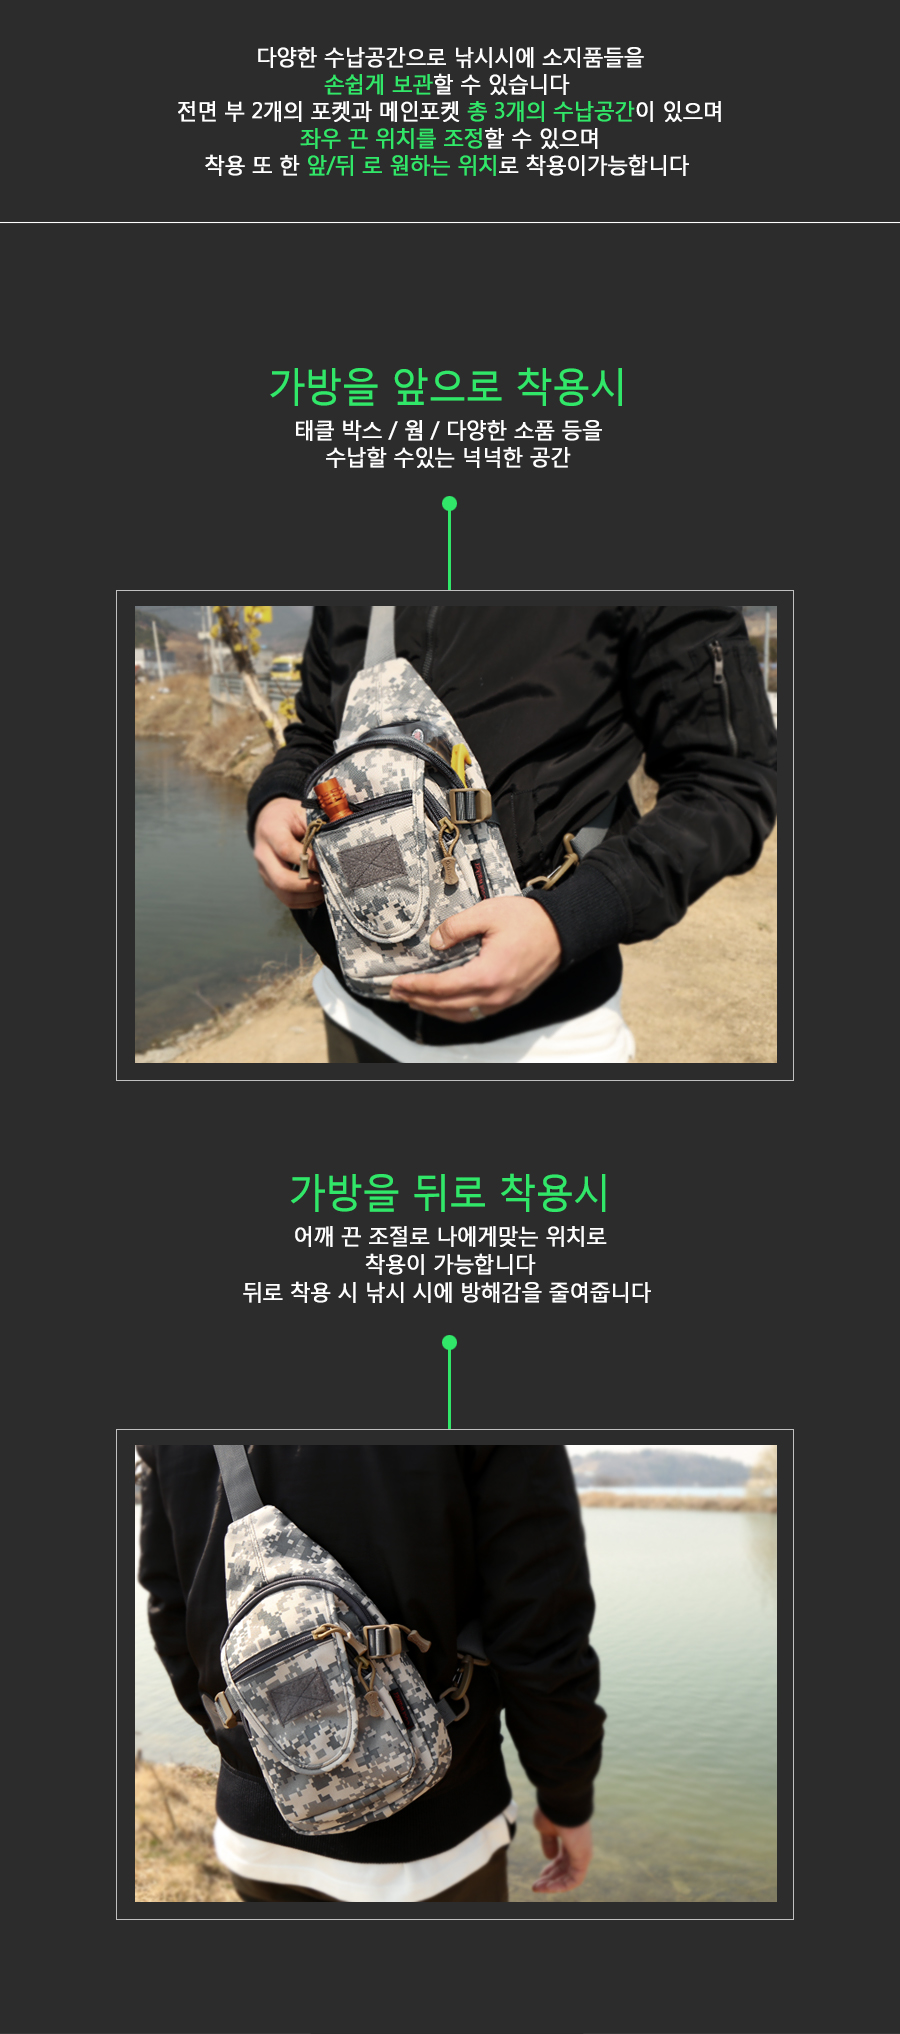 KLF 밀리터리 [슬링백] 루어보조가방 (6008)  루어가방 소품가방 힙쌕 사이드팩 루어사이드팩 루어허리가방 허리가방 슬링백 크로스백 숄더백